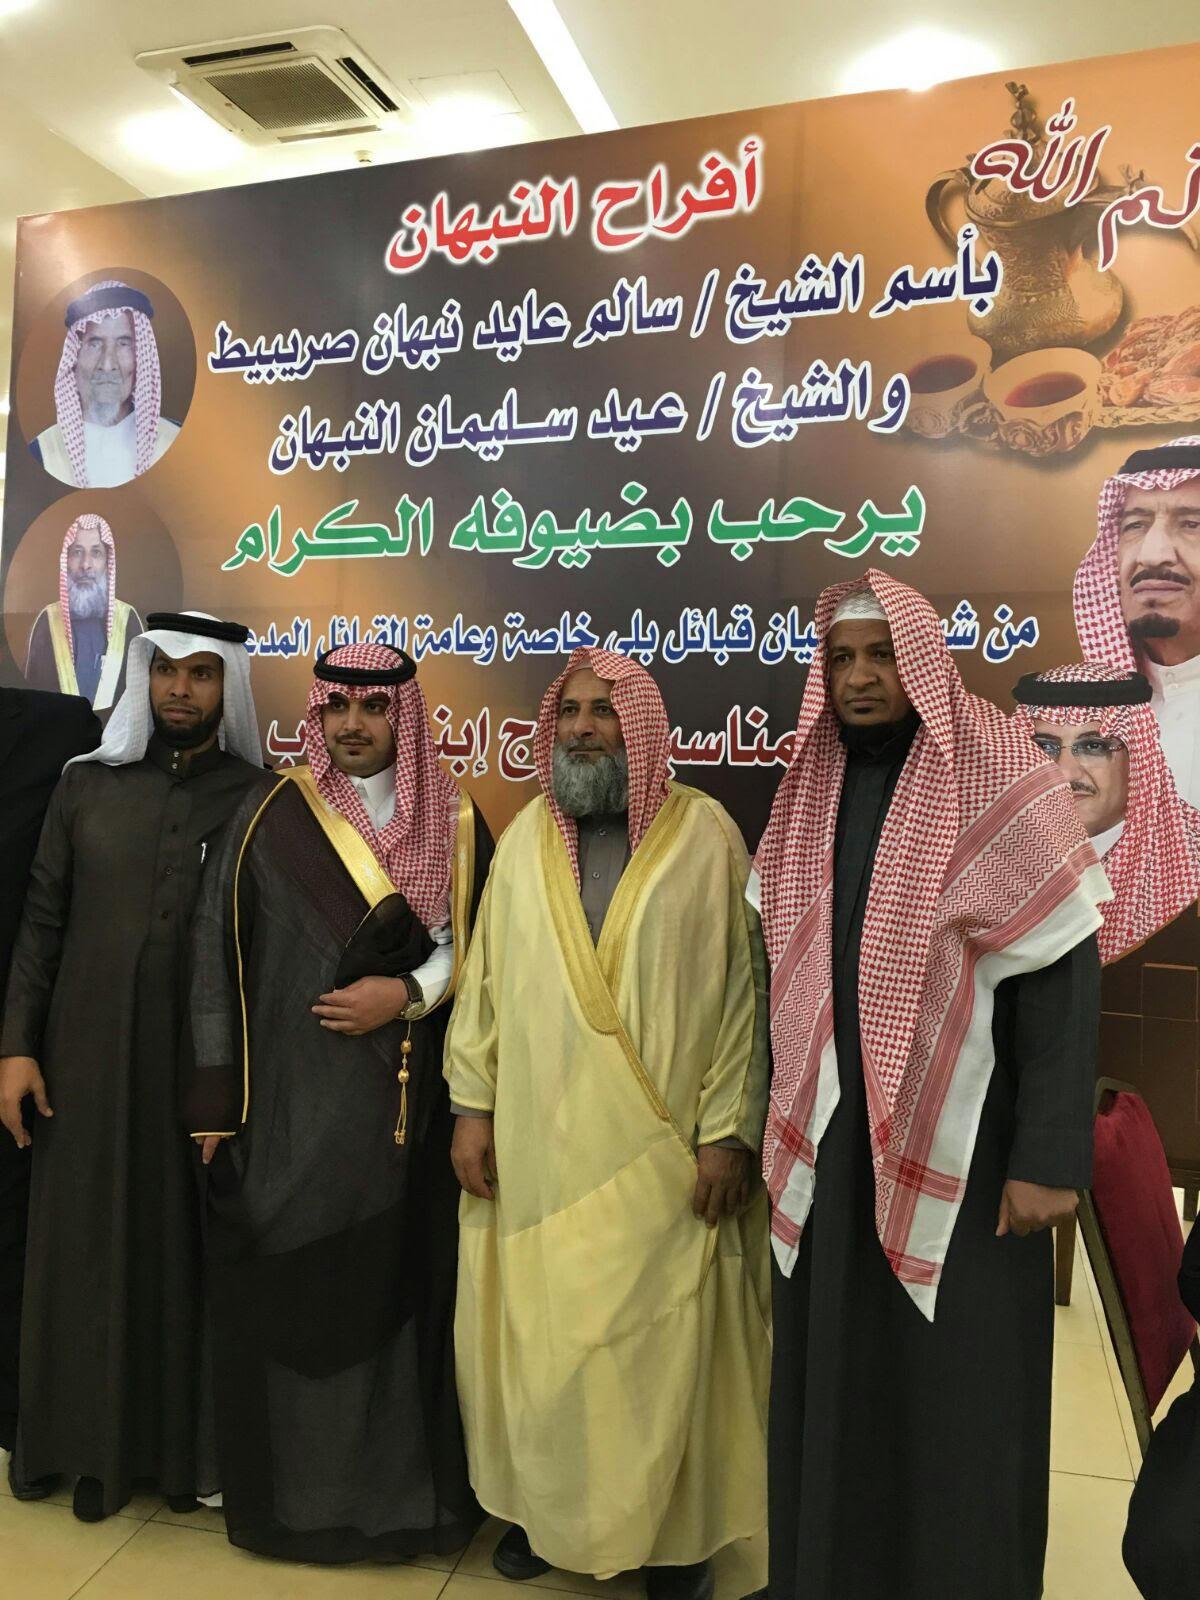 الشيخ-النبهان-يحتفل-بزفاف-ابنه (1)